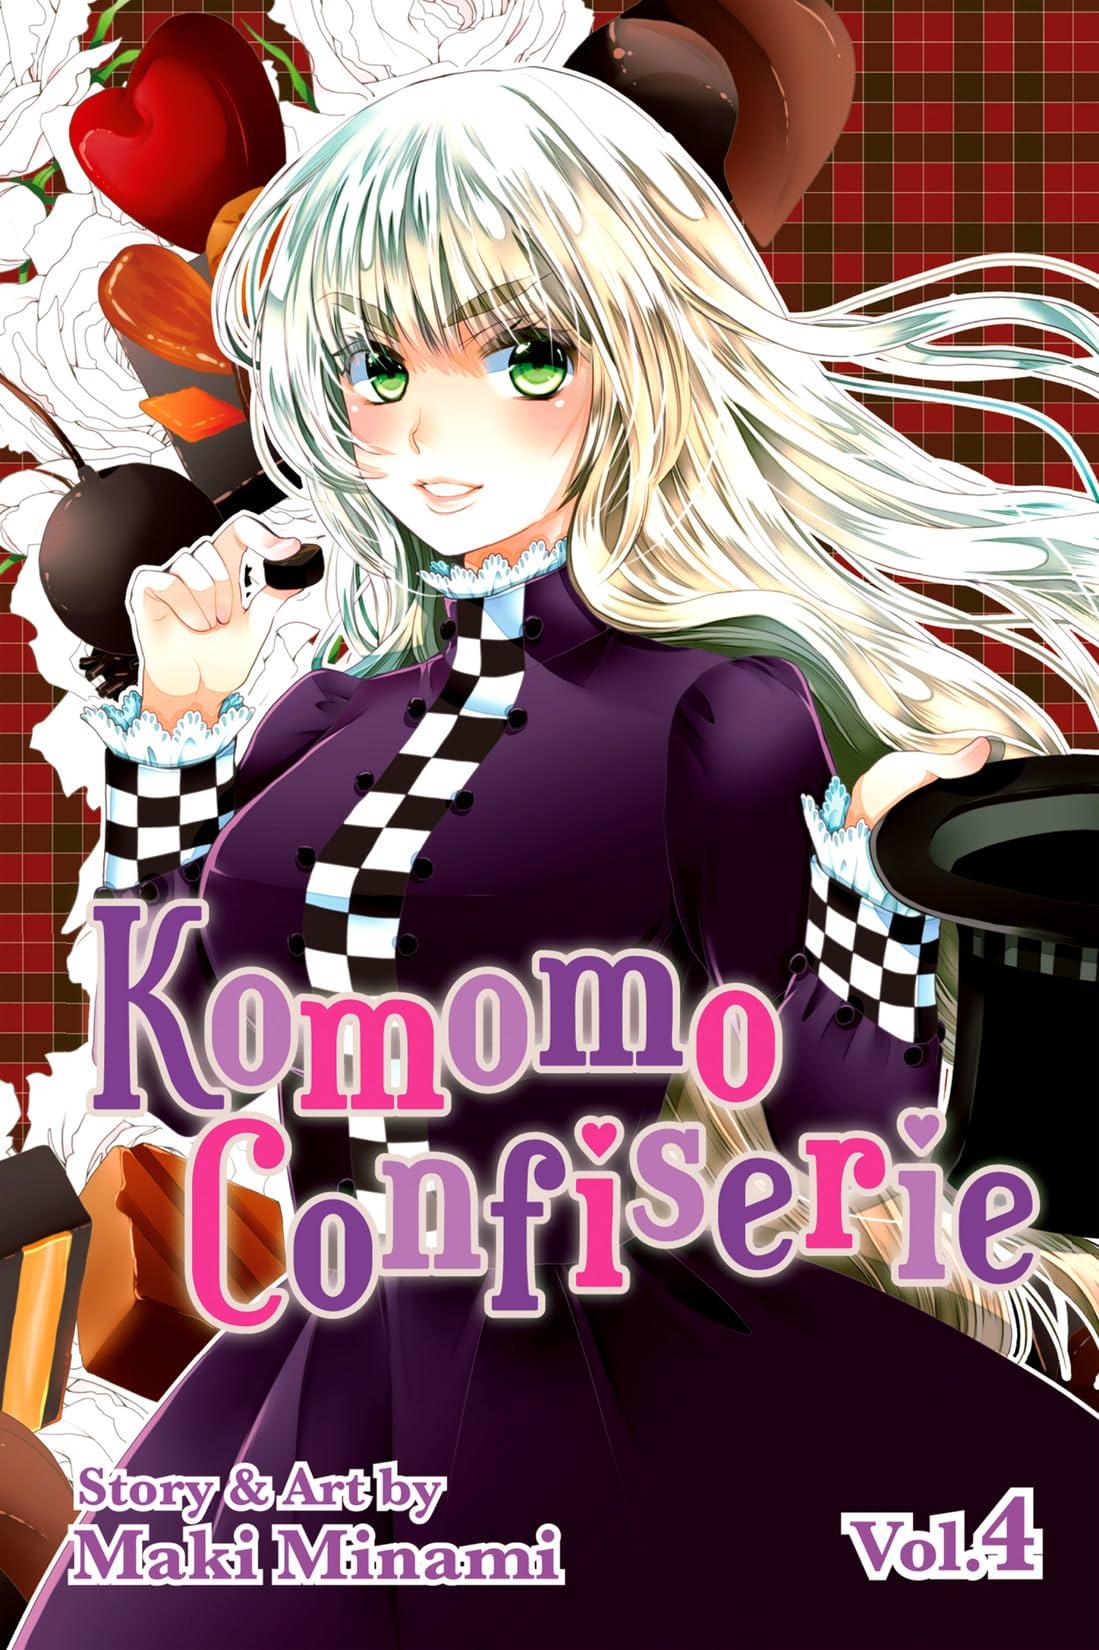 Komomo Confiserie Vol. 4